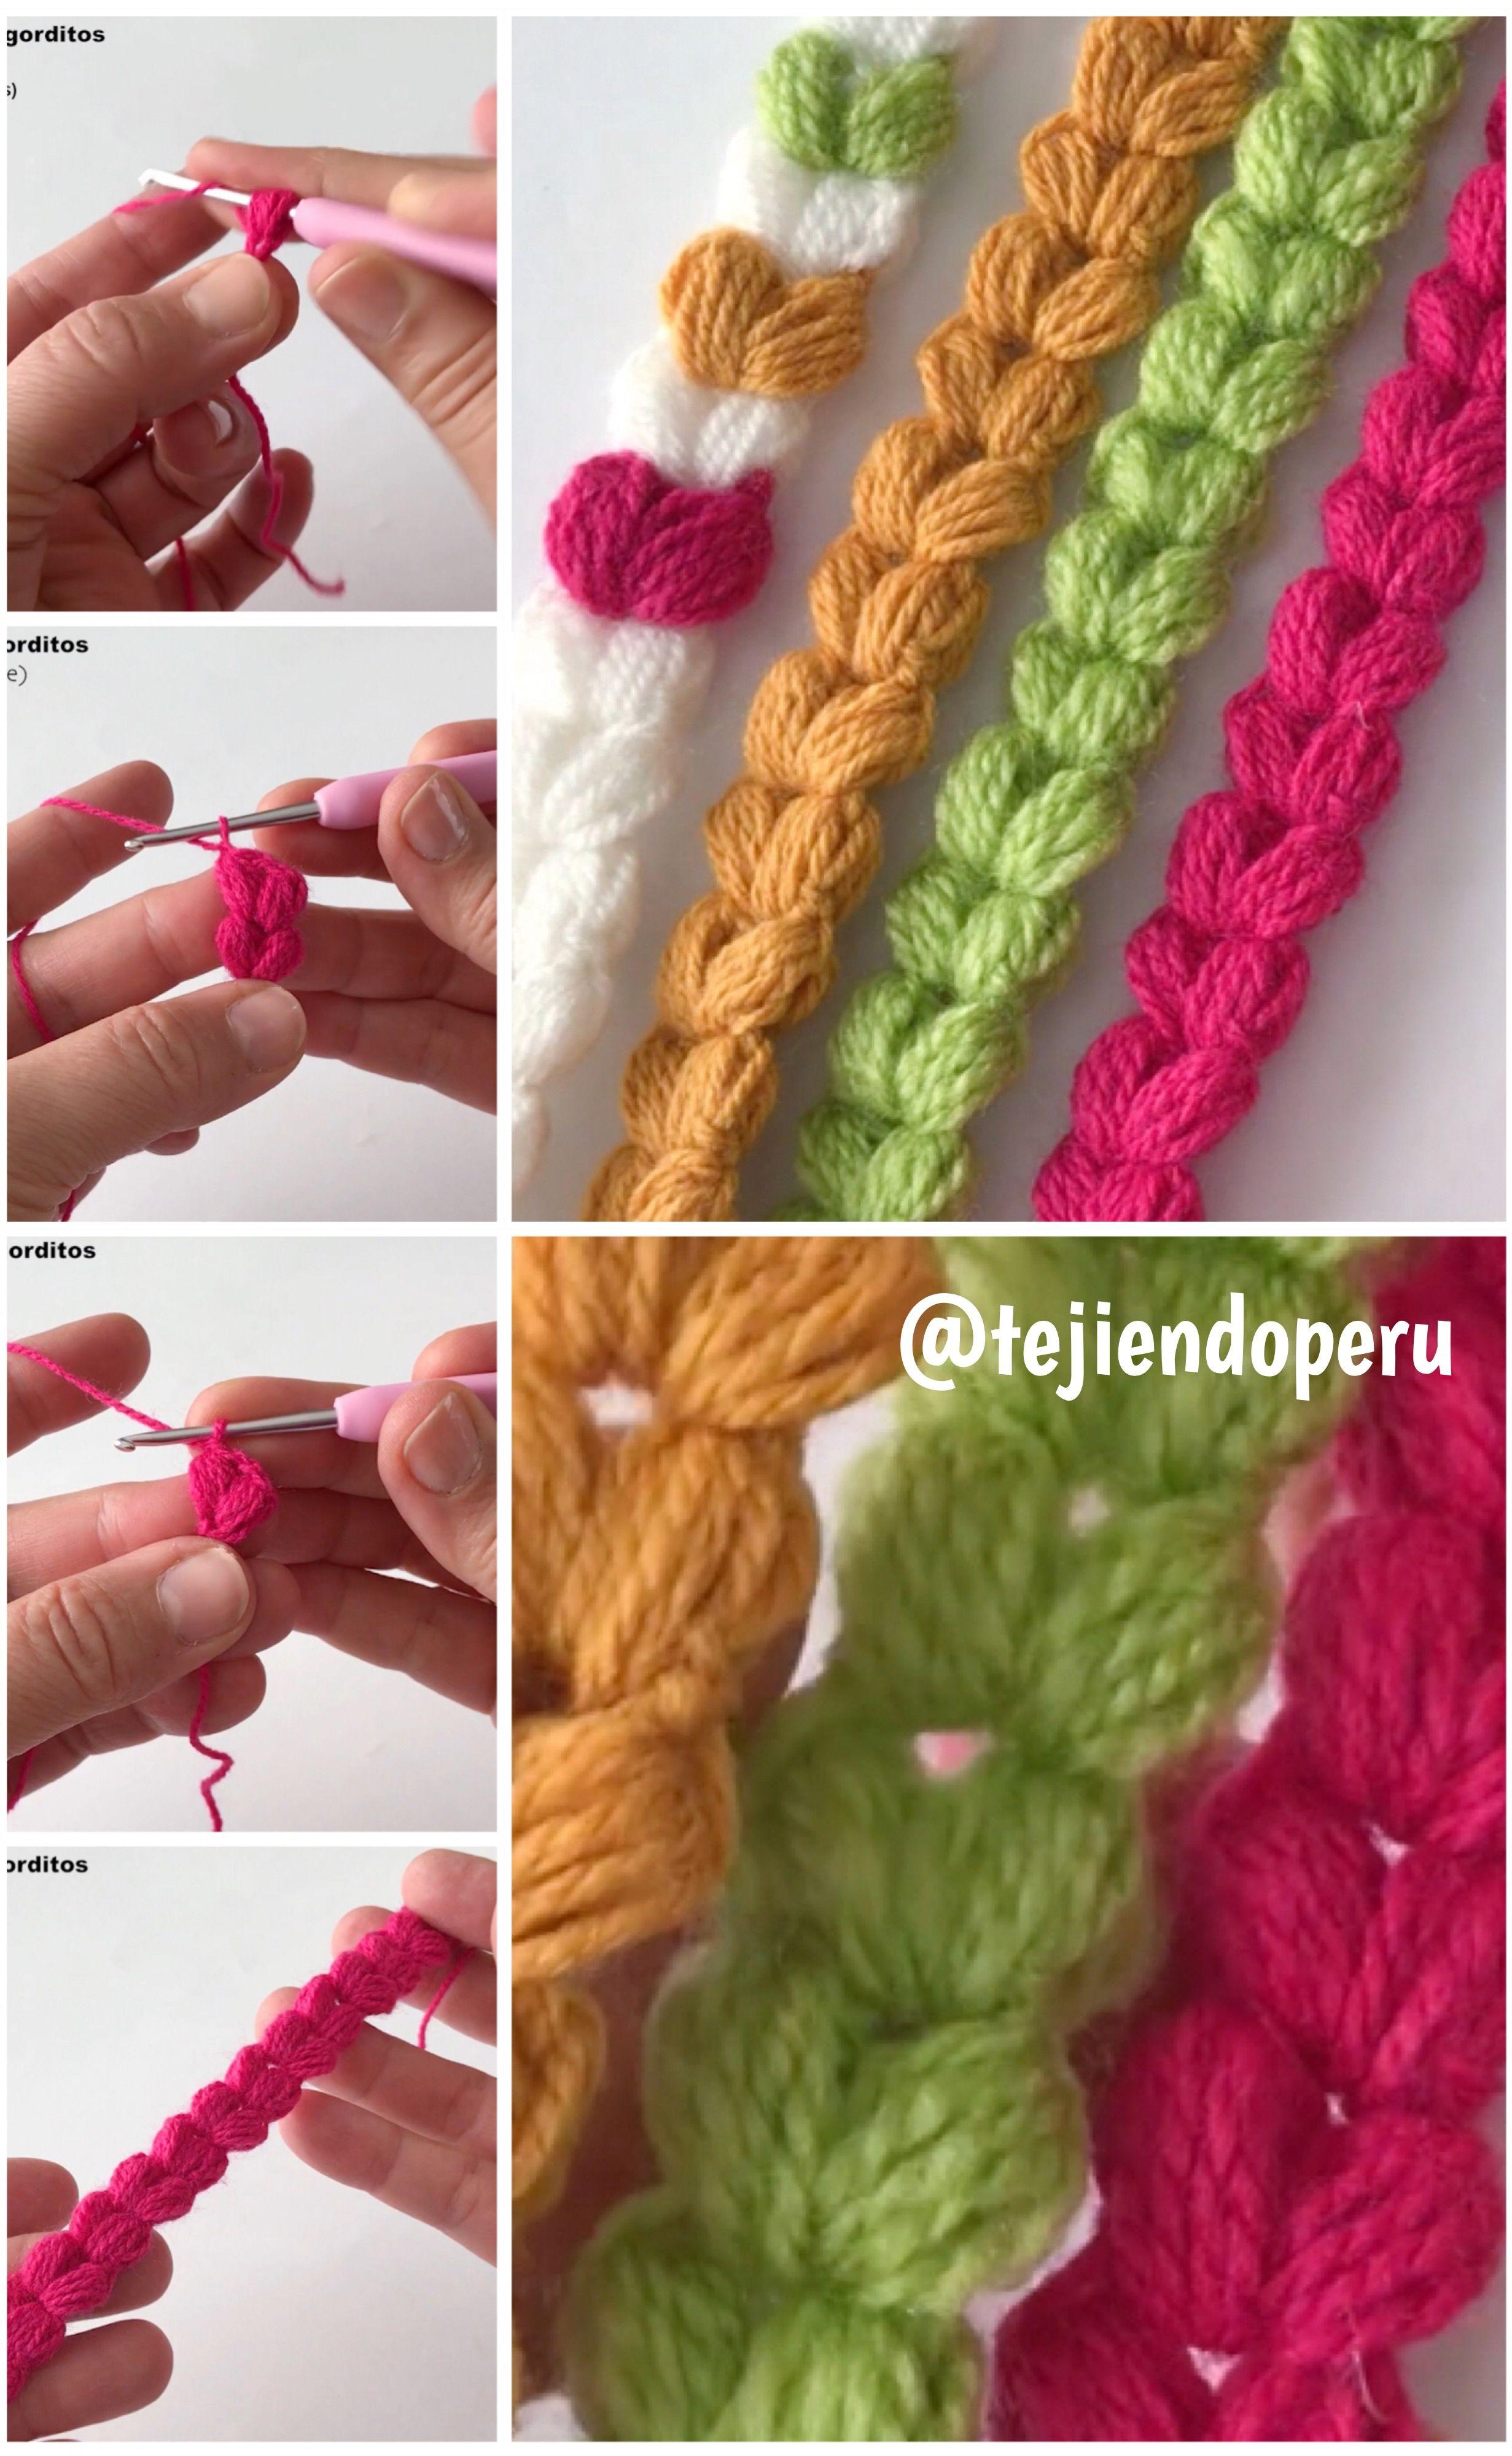 Cordón de corazones puff o gorditos tejido a #crochet 💜 Ideal para ...